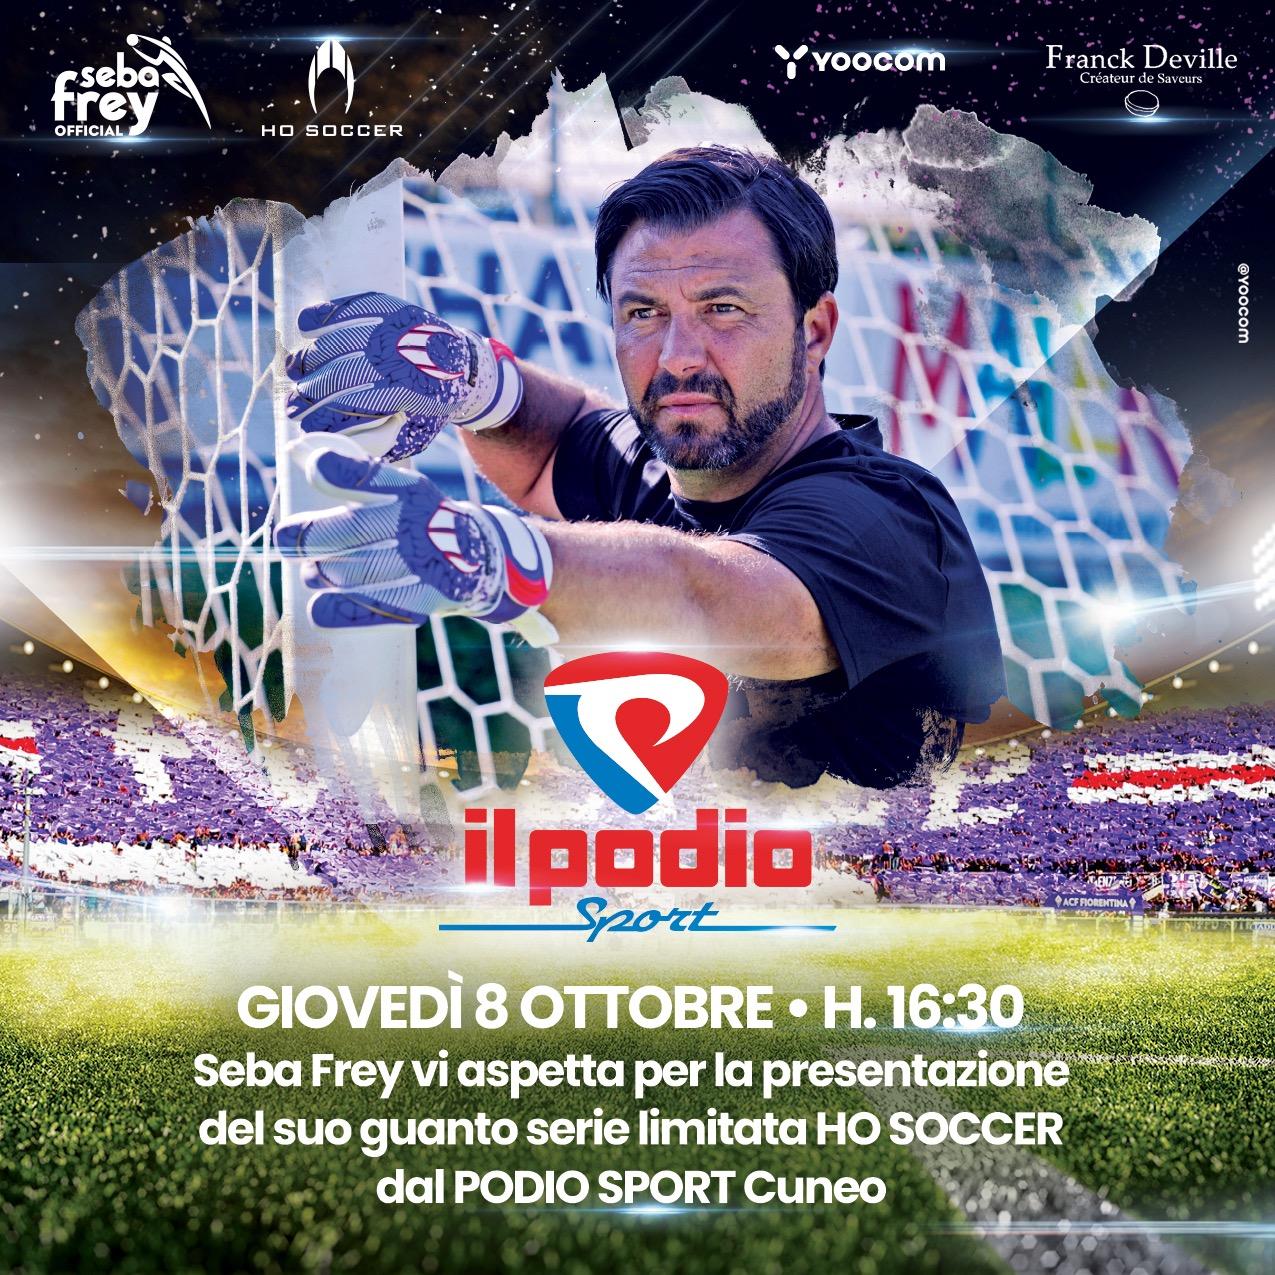 Sebastian Frey a Cuneo – Giovedì 8 ottobre